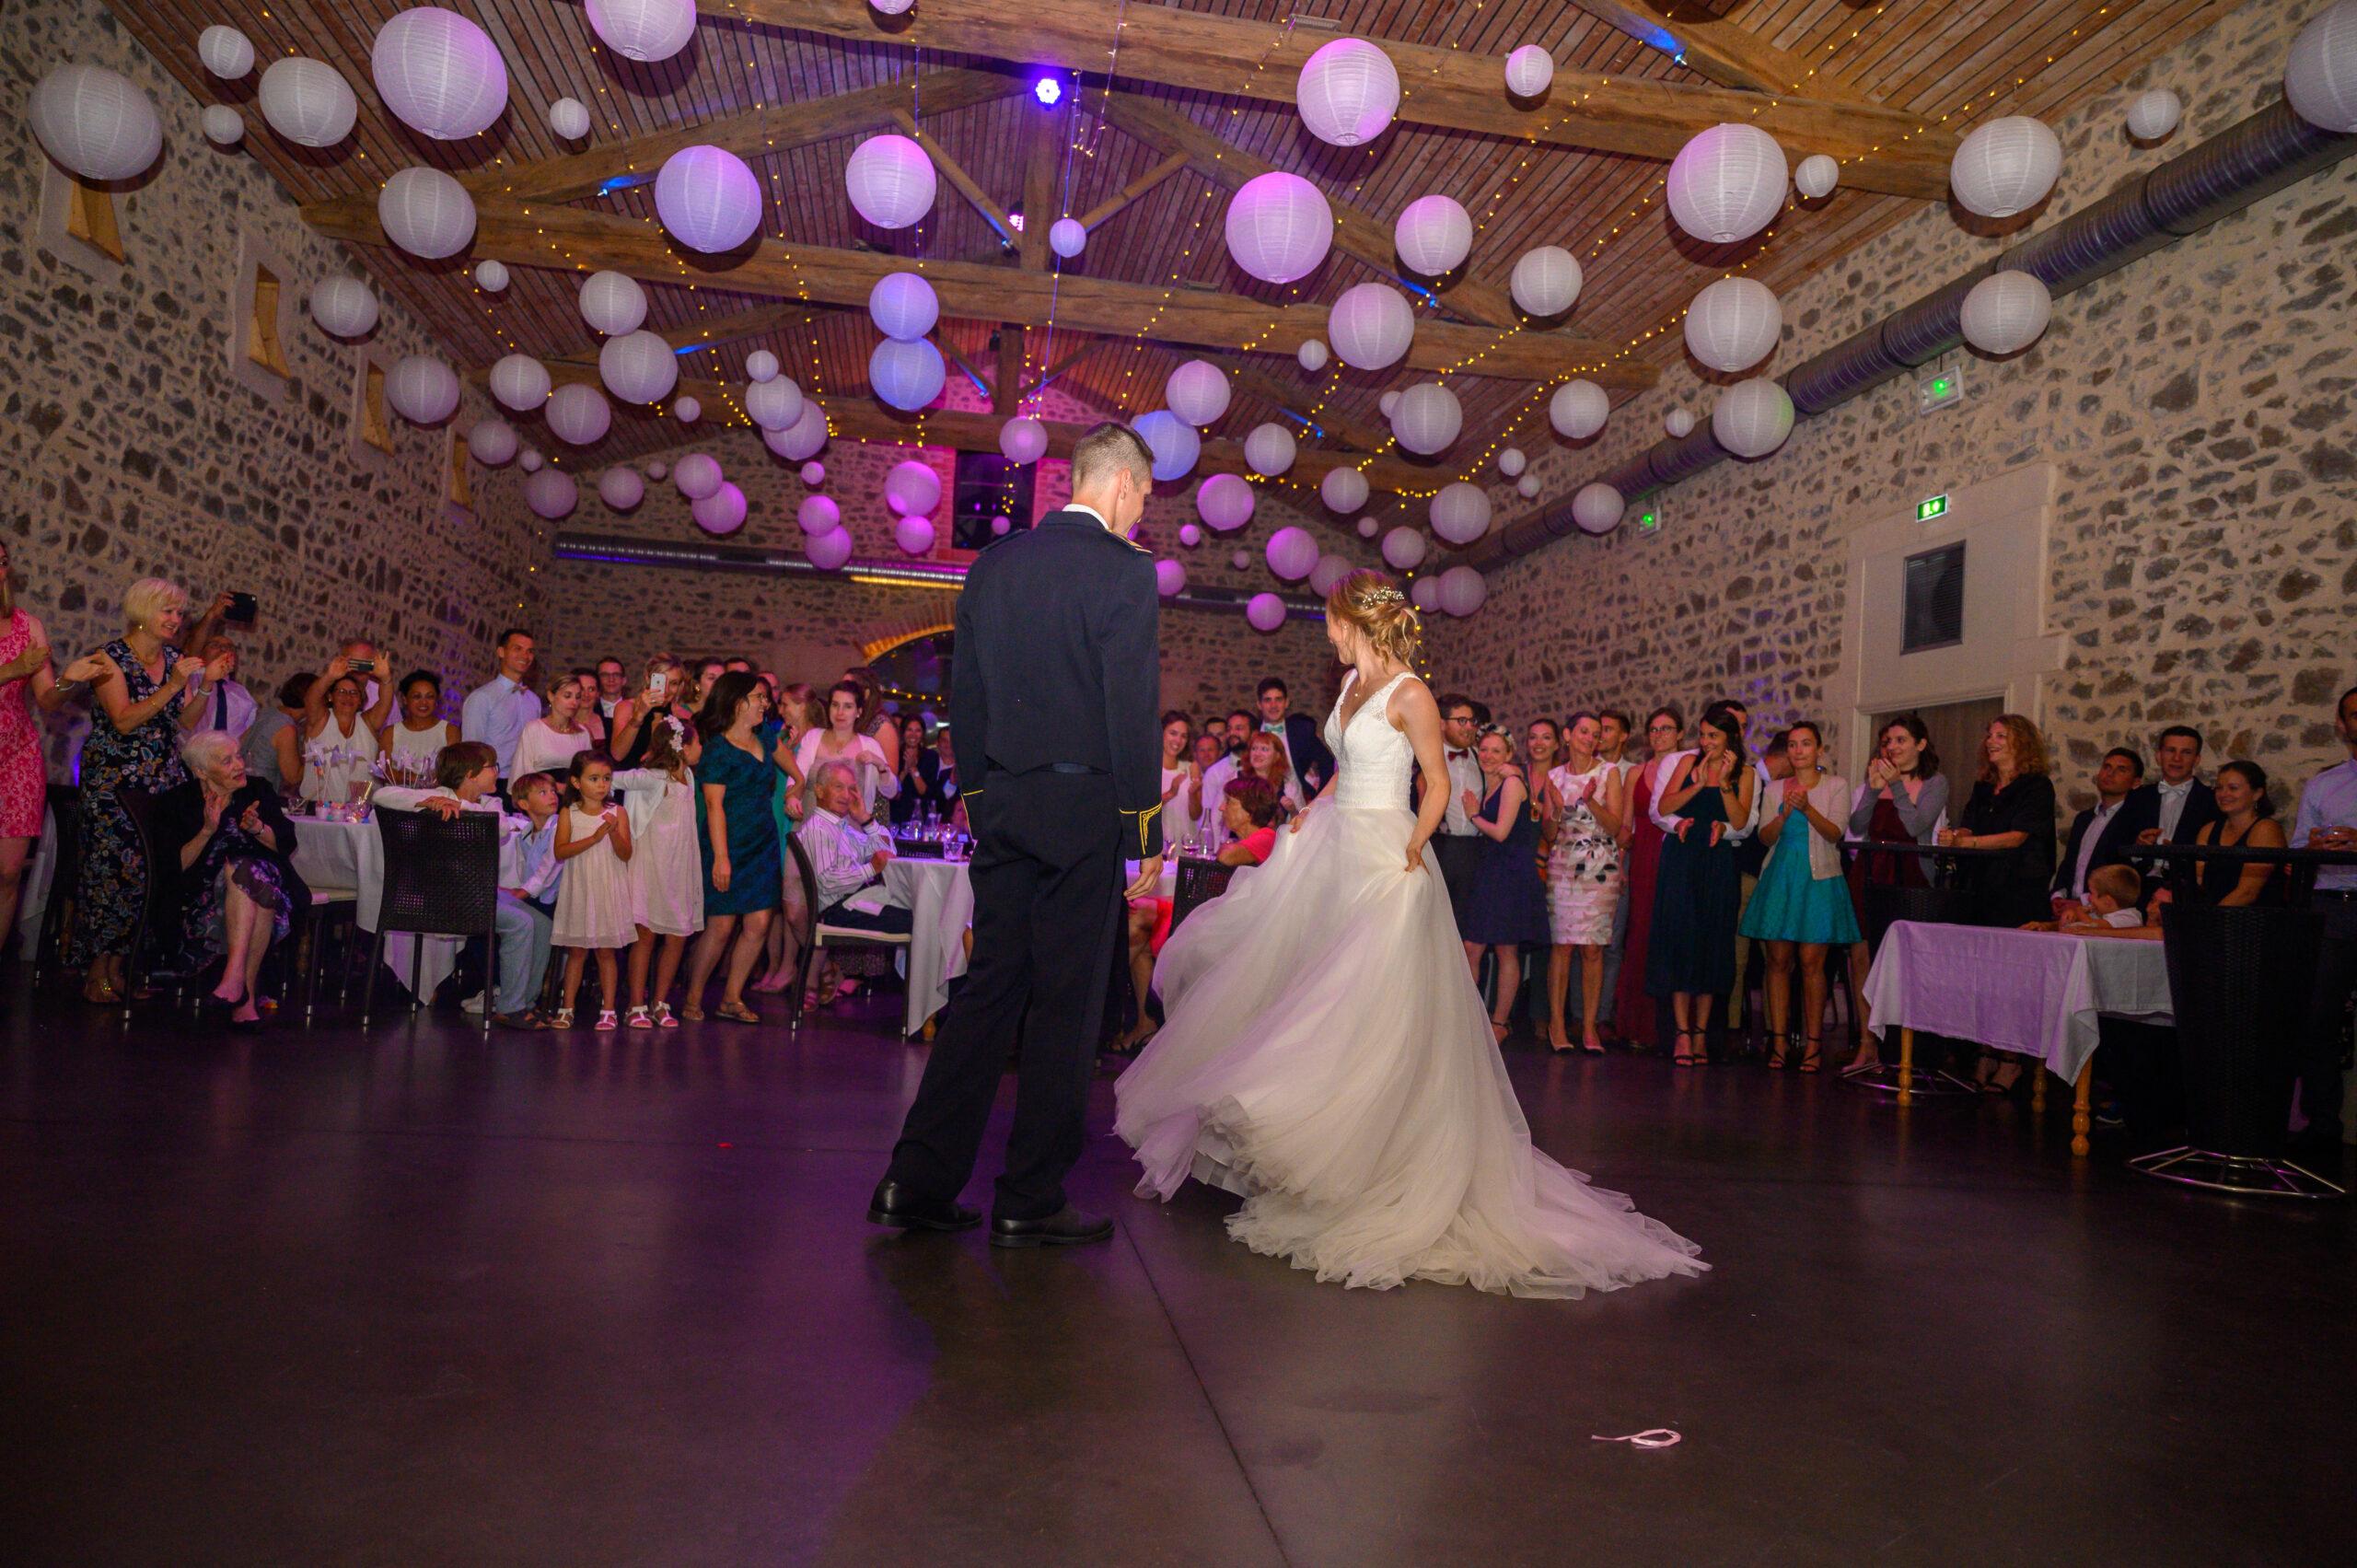 Ouverture de bal par couple de mariés dans la salle de réception du Château des Loges, au Perréon, dans le Beaujolais